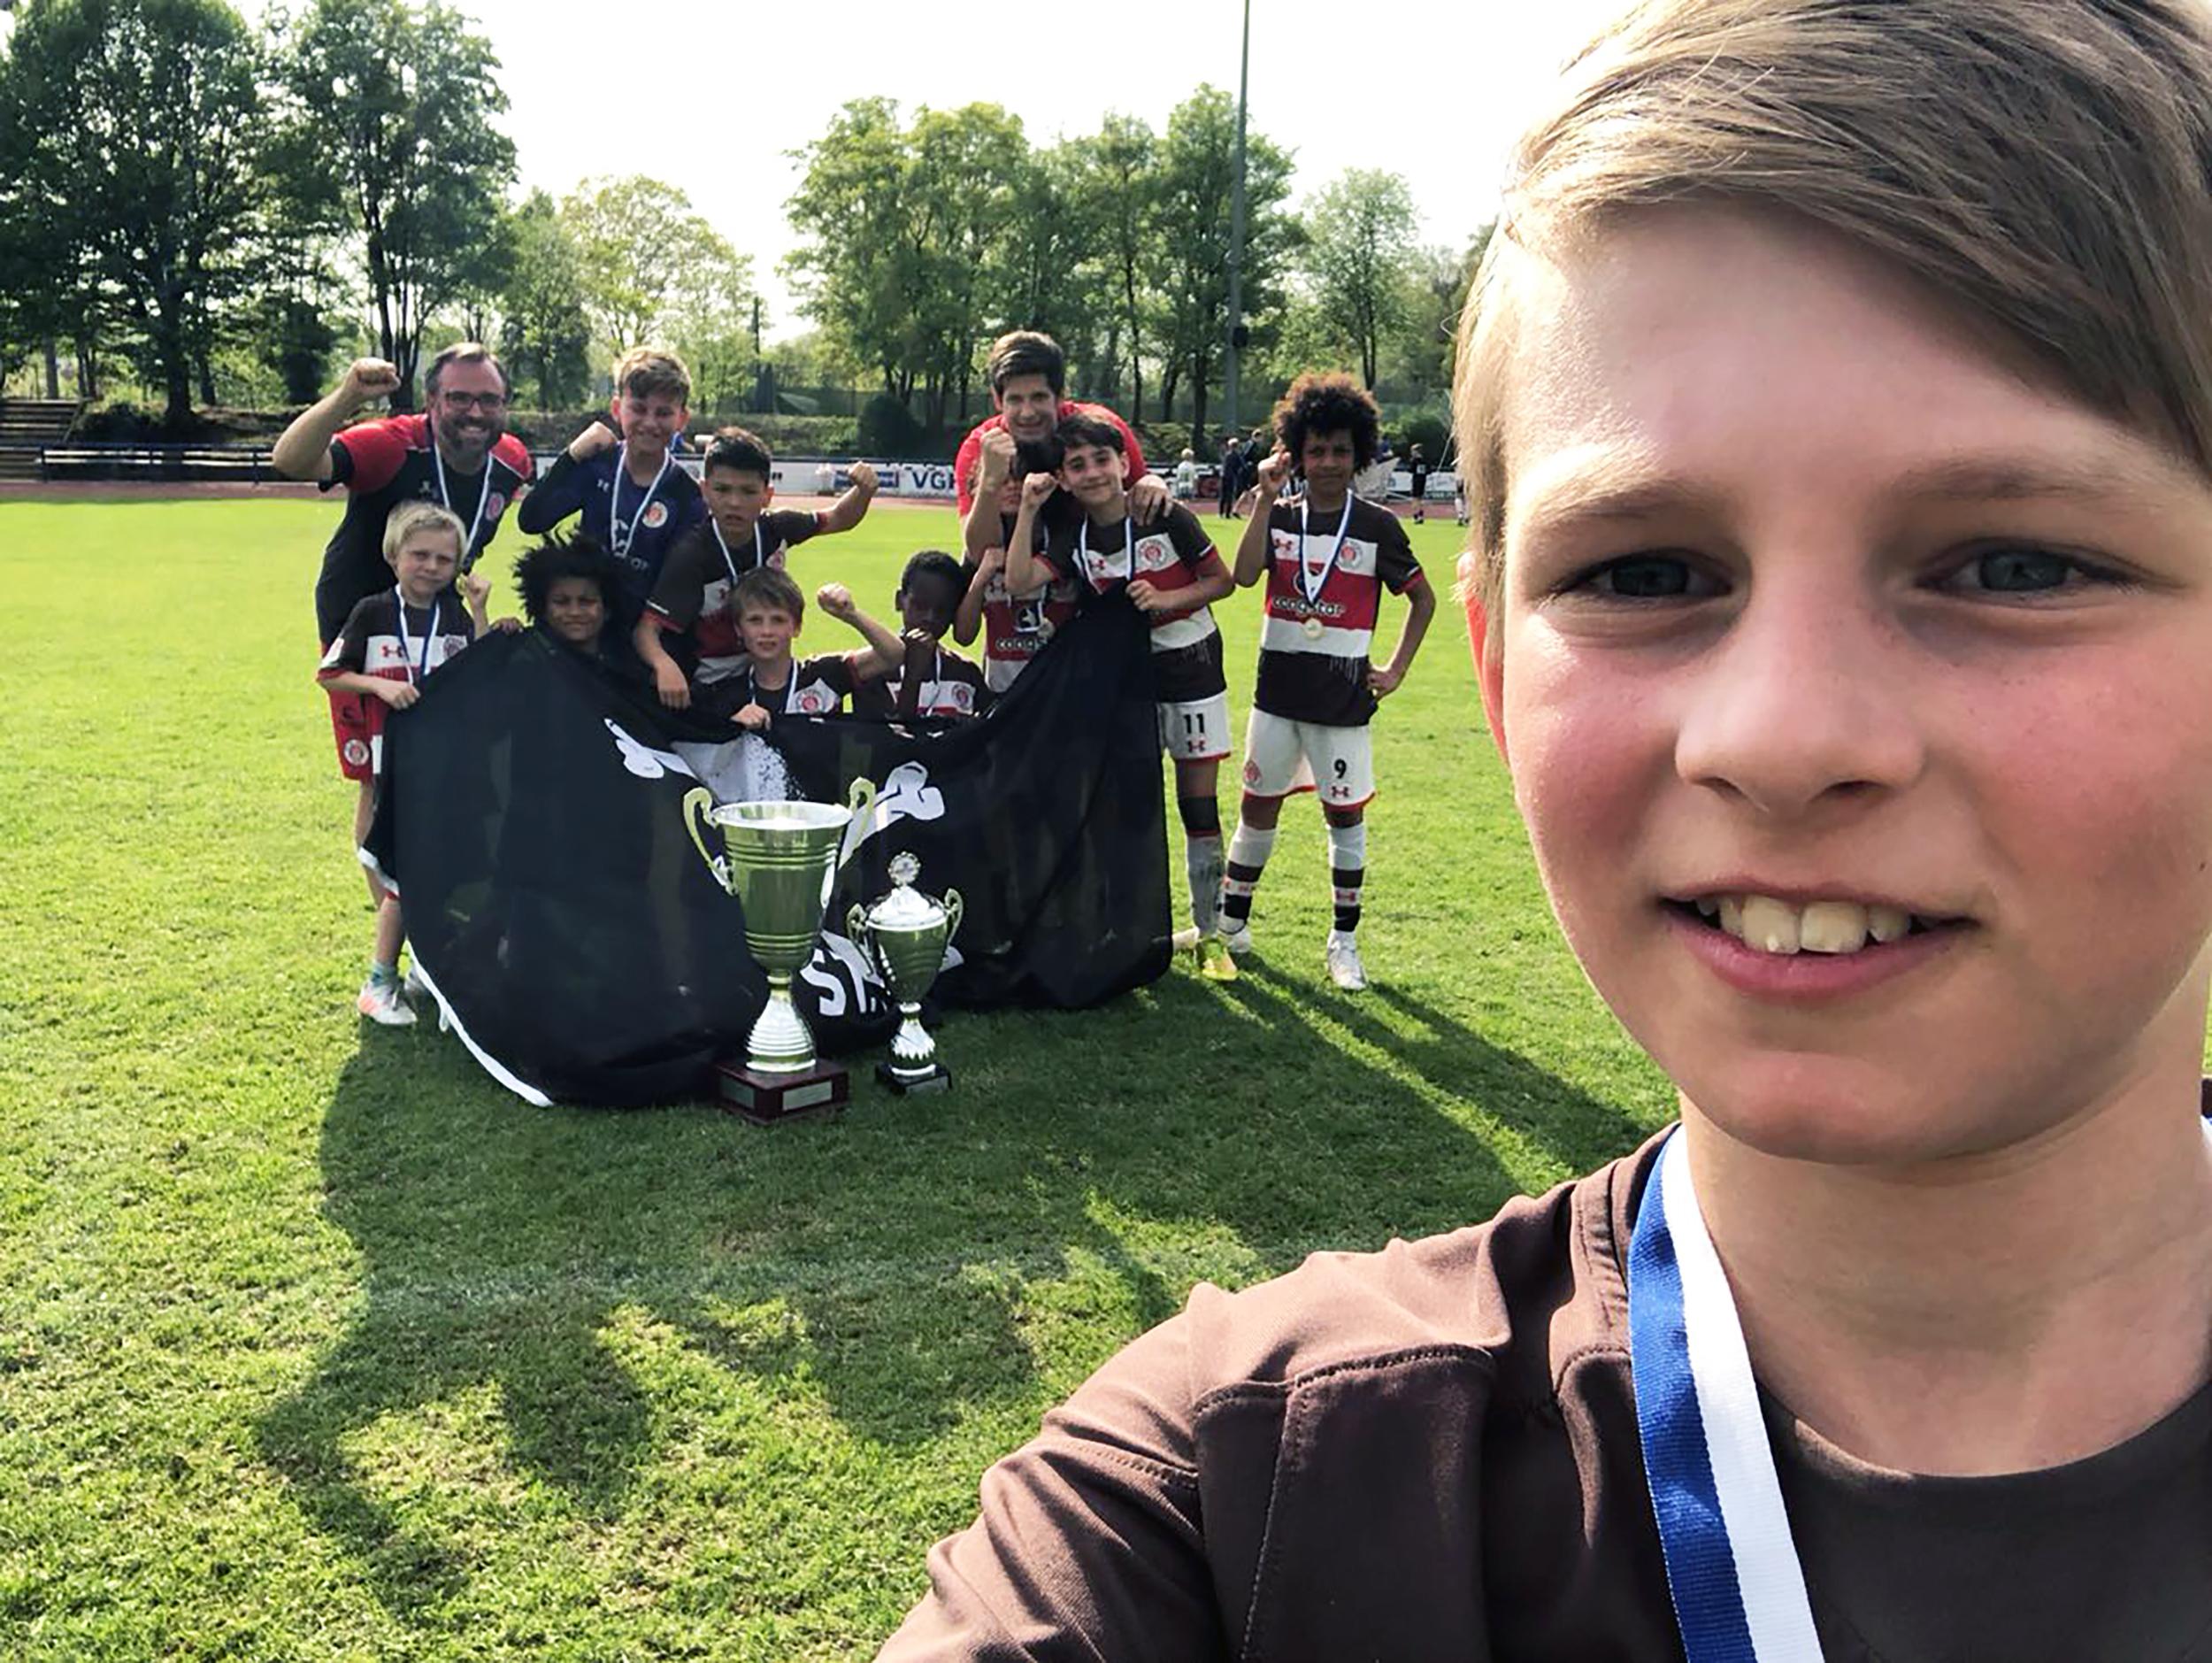 U11 gewinnt internationales Turnier in Osnabrück